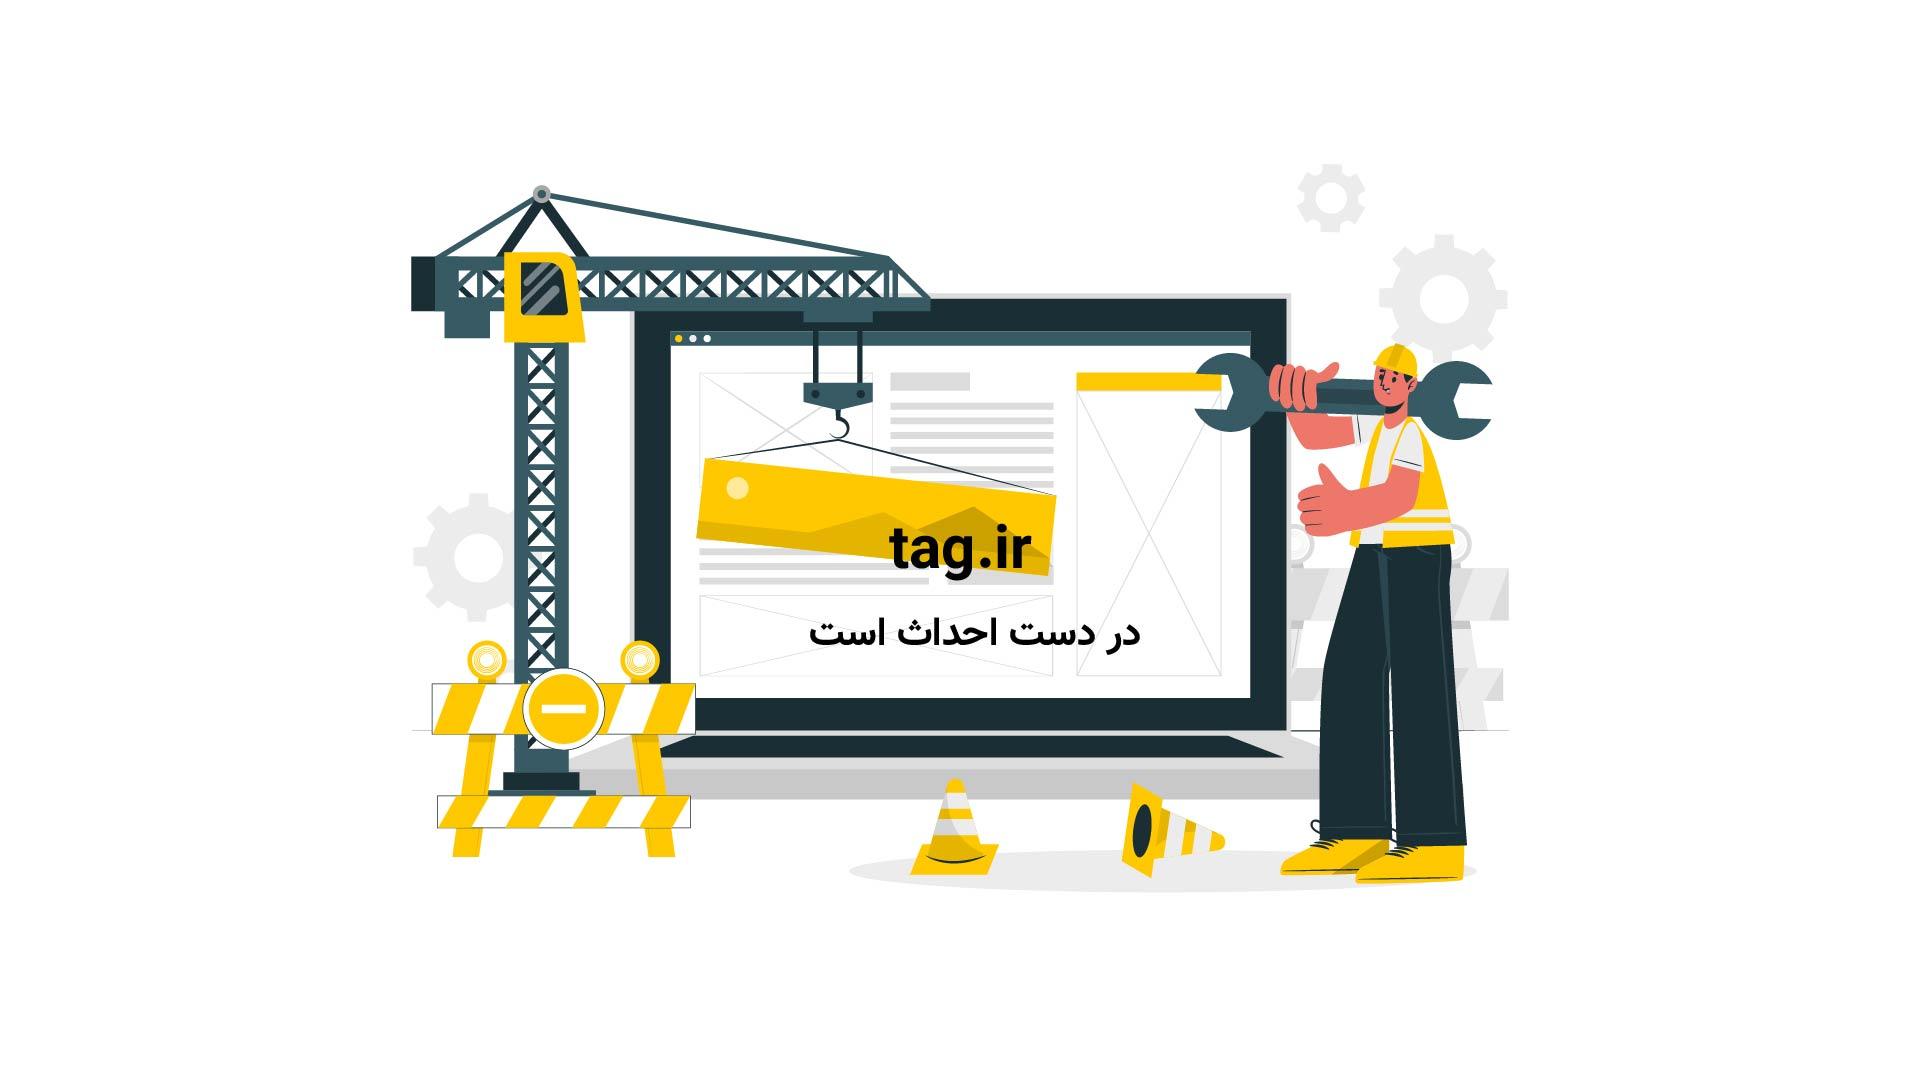 آموزش میوه آرایی ؛ ساخت گل رز با استفاده از سیب | فیلم